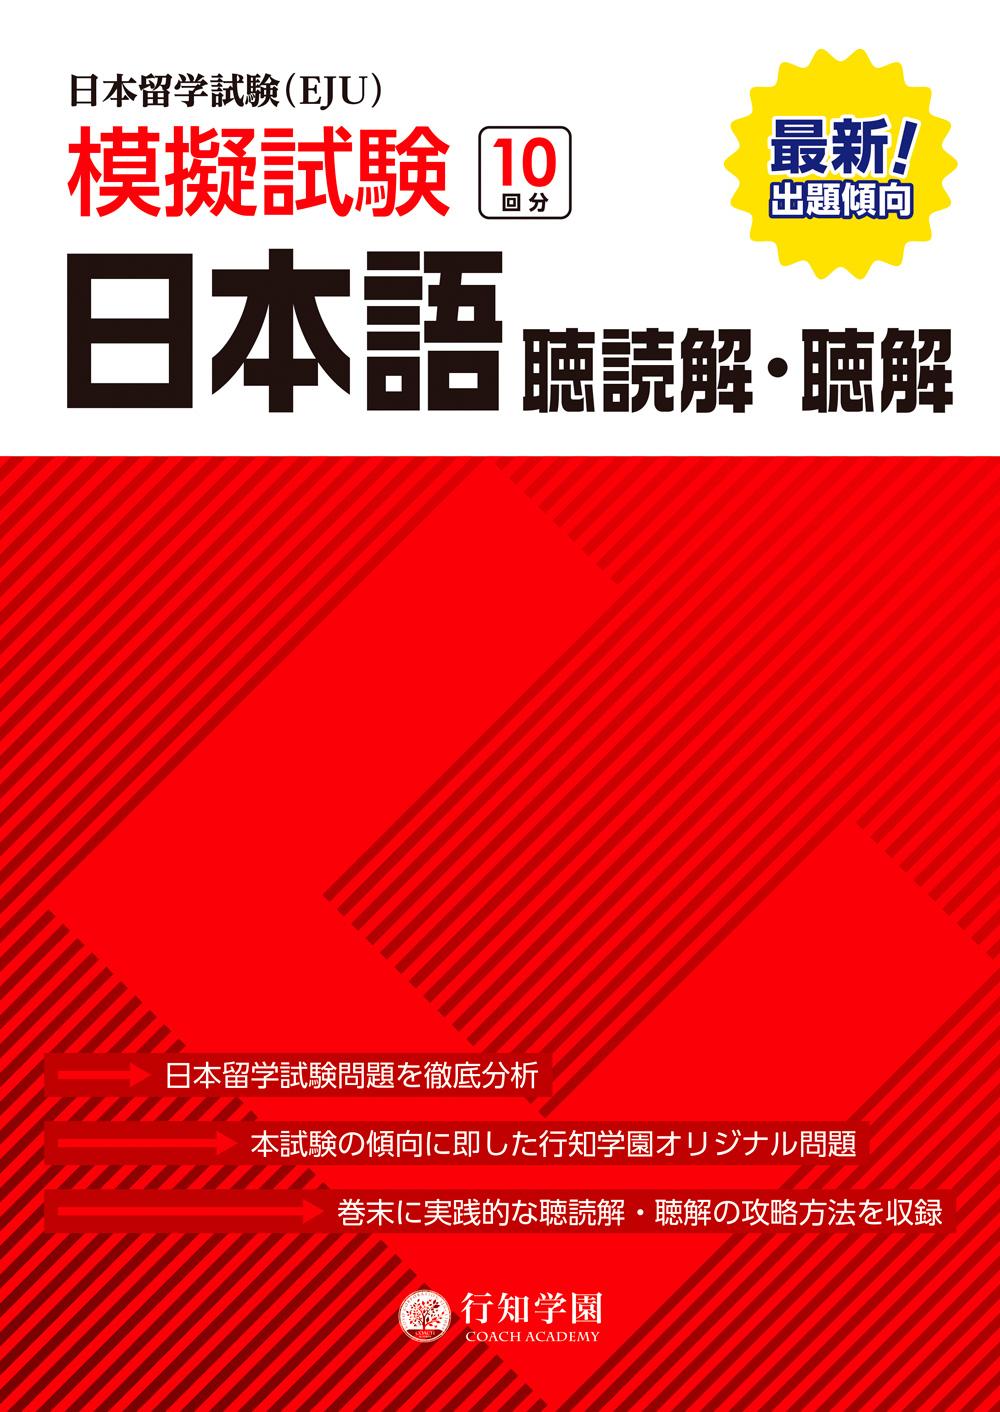 日本留学試験(EJU)模擬試験 日本語 聴読解・聴解画像